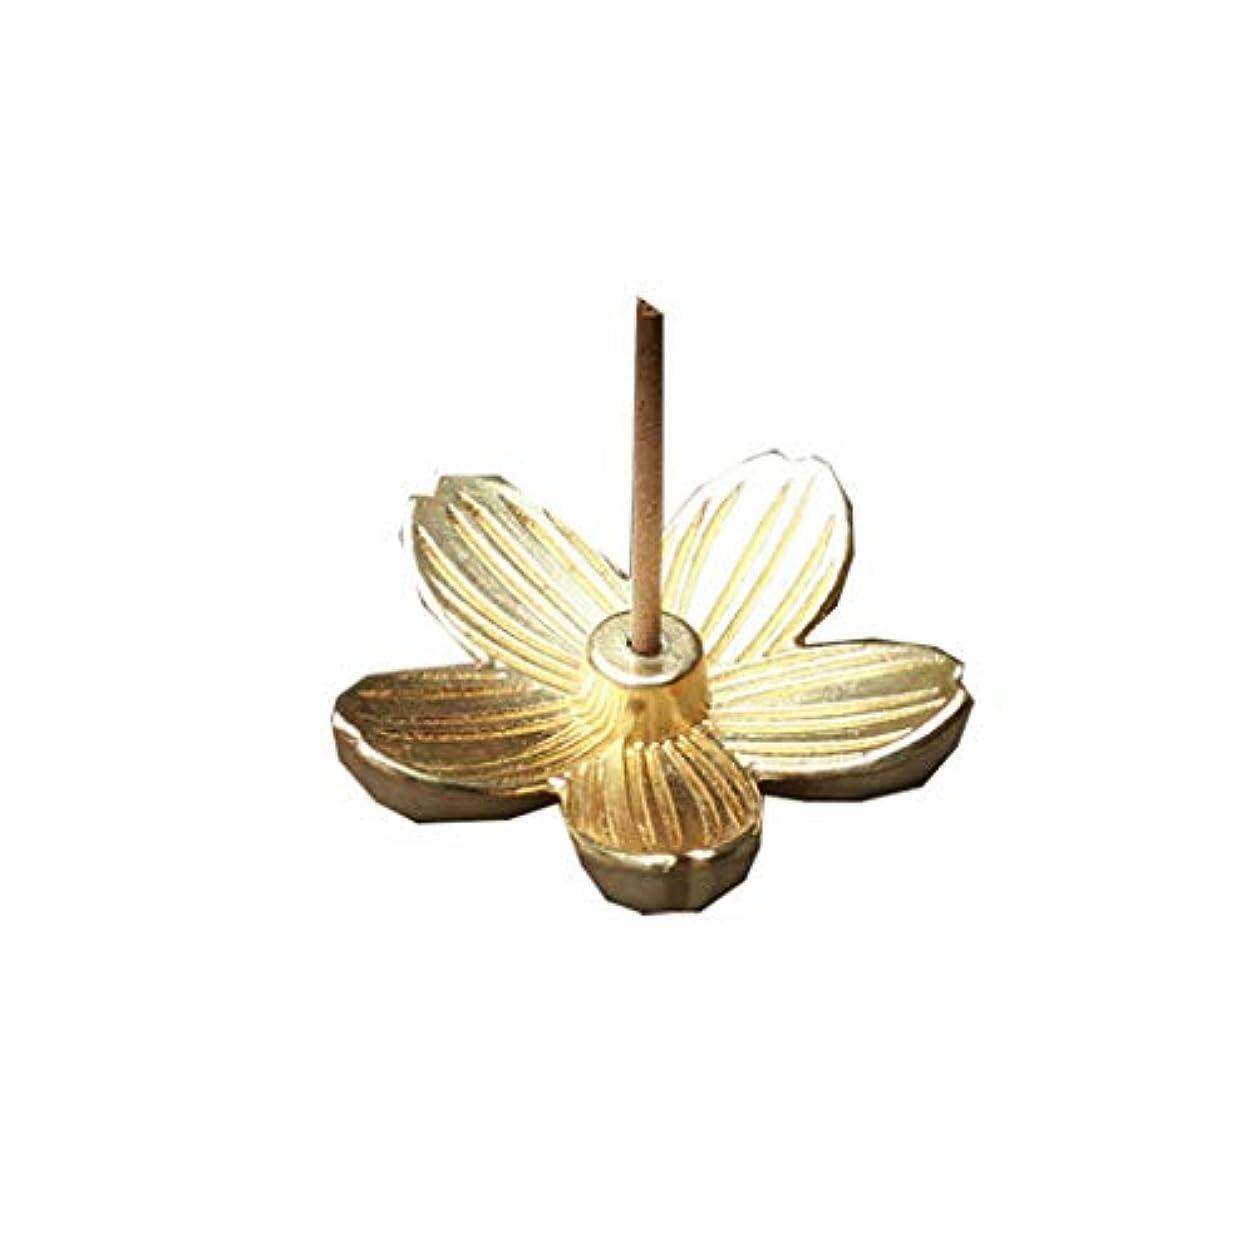 オーストラリア人市の花トラッククリエイティブヴィンテージ銅アートさくら型の香炉香スティックコーンホルダーホーム仏教の装飾誕生日お香ホルダー (Color : Gold, サイズ : 1.14*1.14inchs)